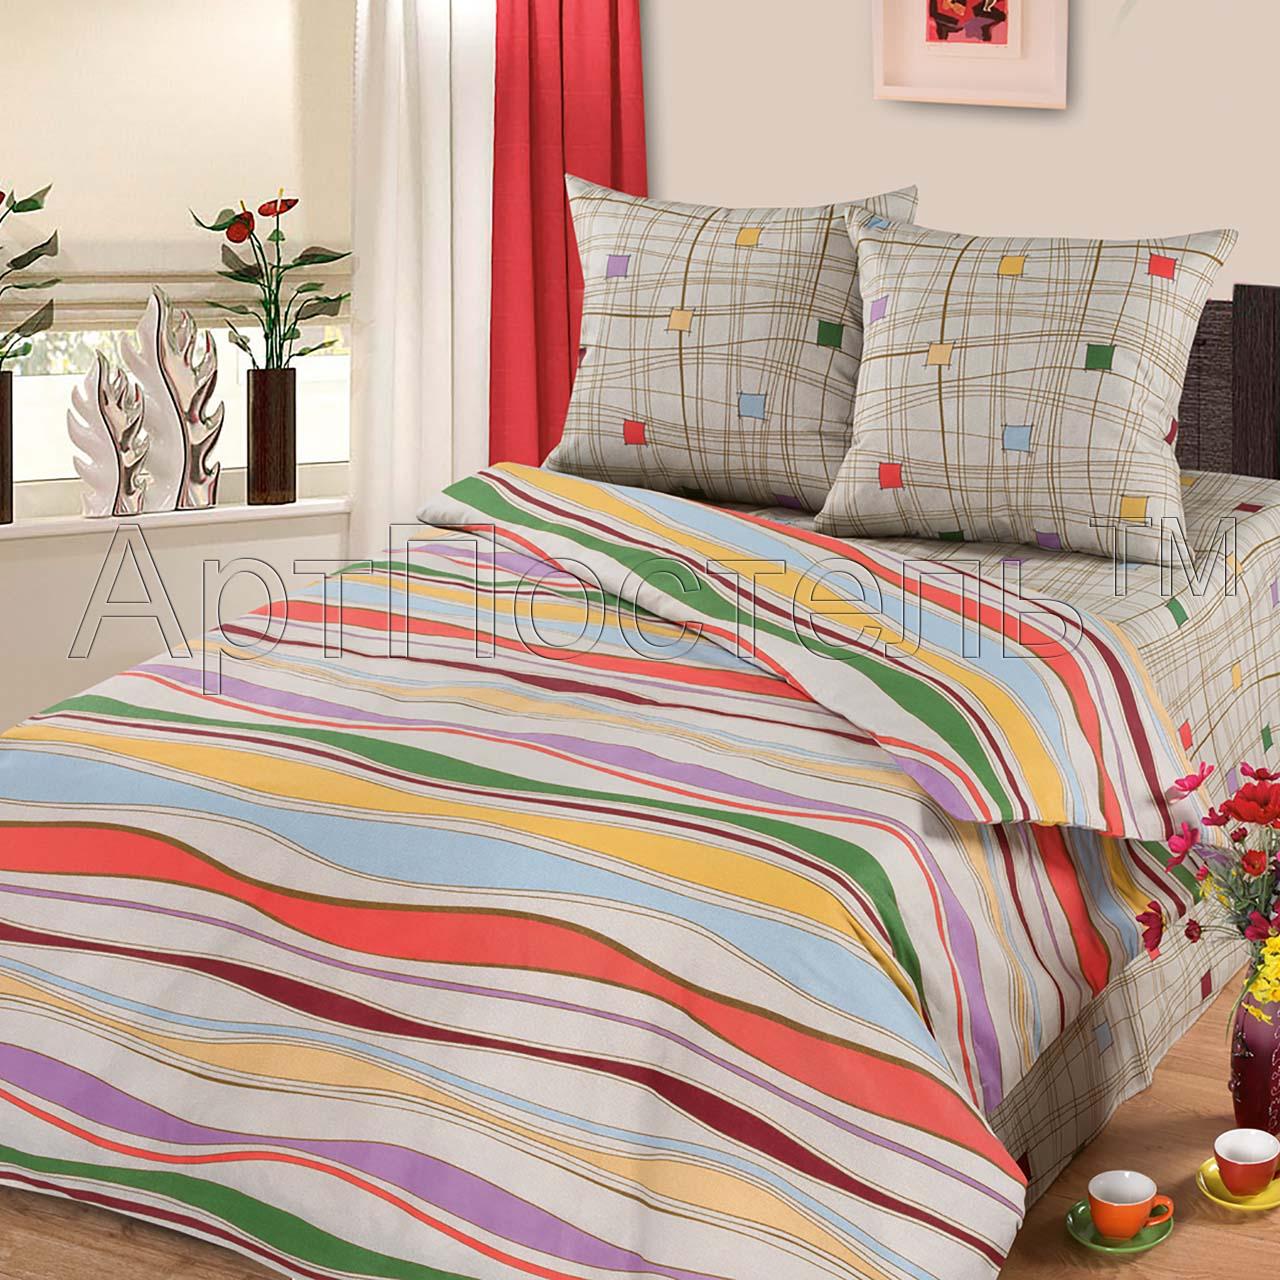 КПБ  Волна , размер 2,0-спальный - Постельное белье артикул: 8964